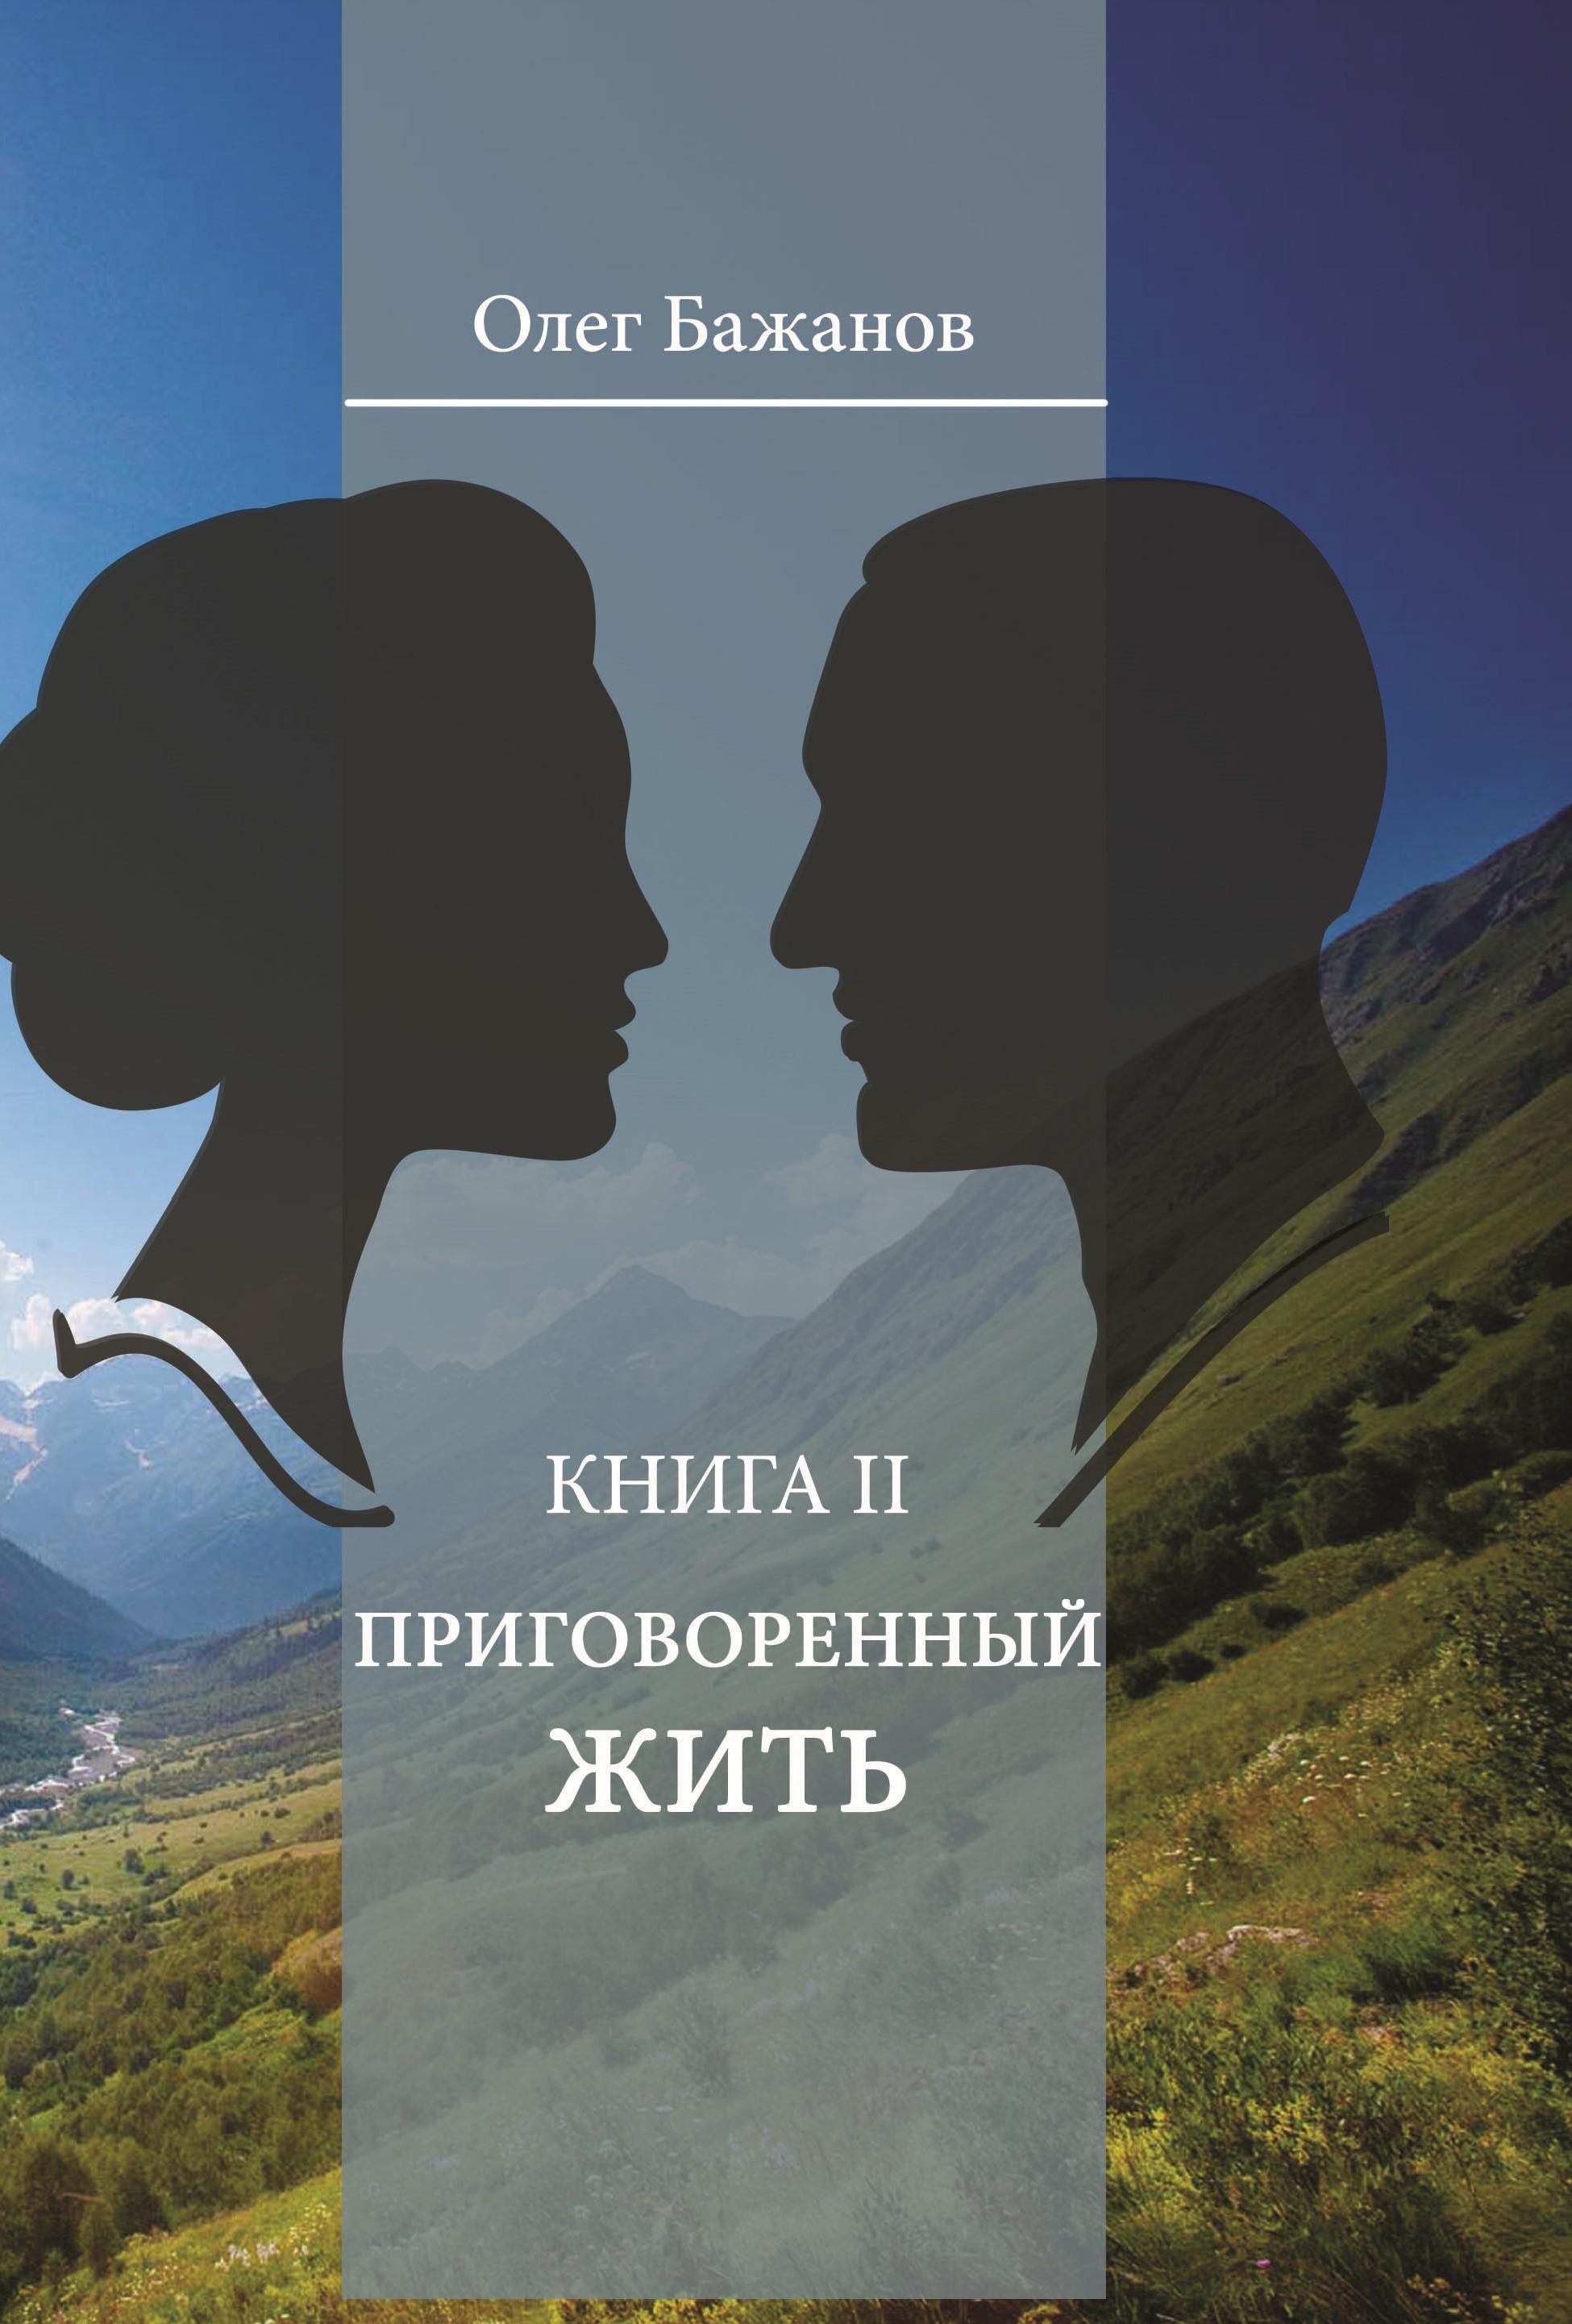 Олег Бажанов Приговоренный жить